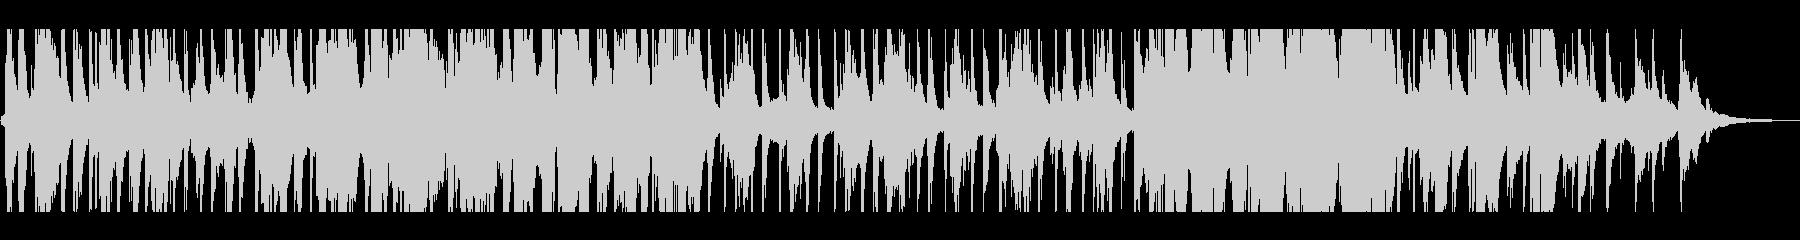 ロマンティックなサックスのバラードの未再生の波形